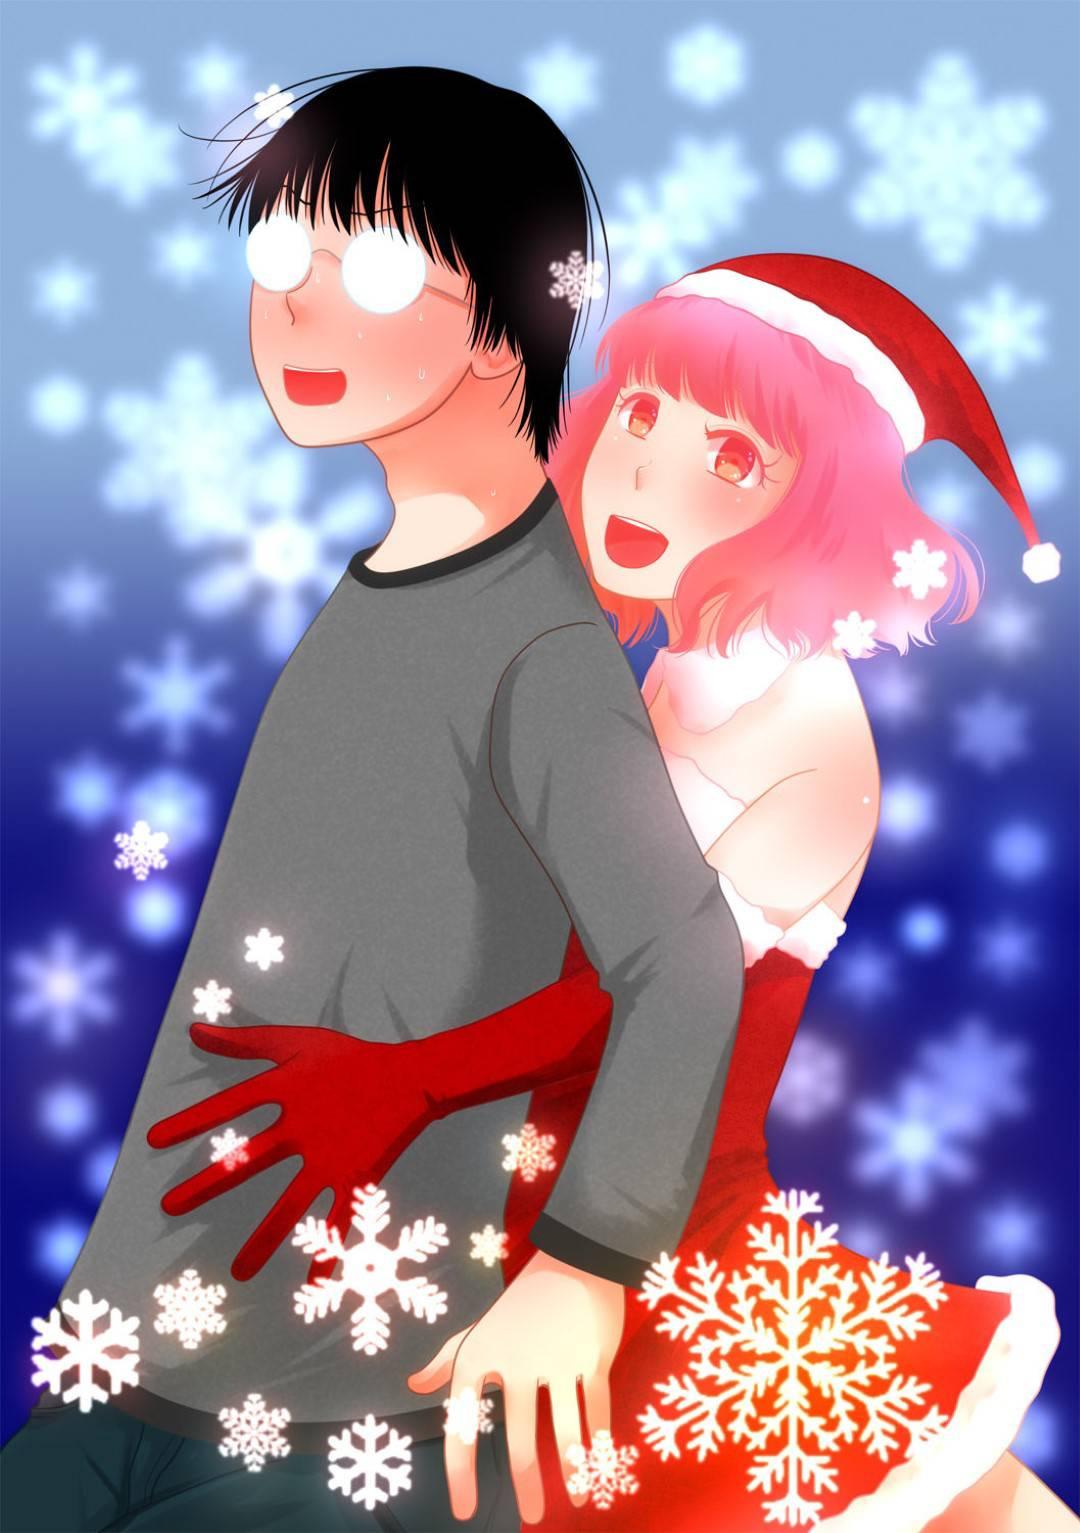 サンタコスの妖精男の娘とクリスマスを過ごす男…帰宅した男は部屋の中にケーキを売っていた男の娘がいてパニック!男の娘は自分は妖精だと告げるとエッチな事を考えてた事を読心しキス!フェラやアナルを責めるとデカマラでアナルセックス!